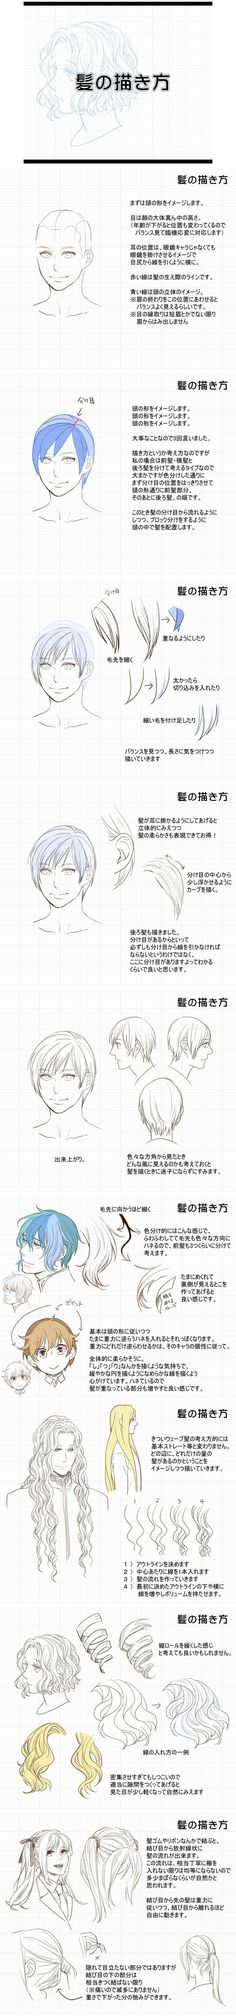 髪の描き方 [10] - 人體素描 - PoLoves